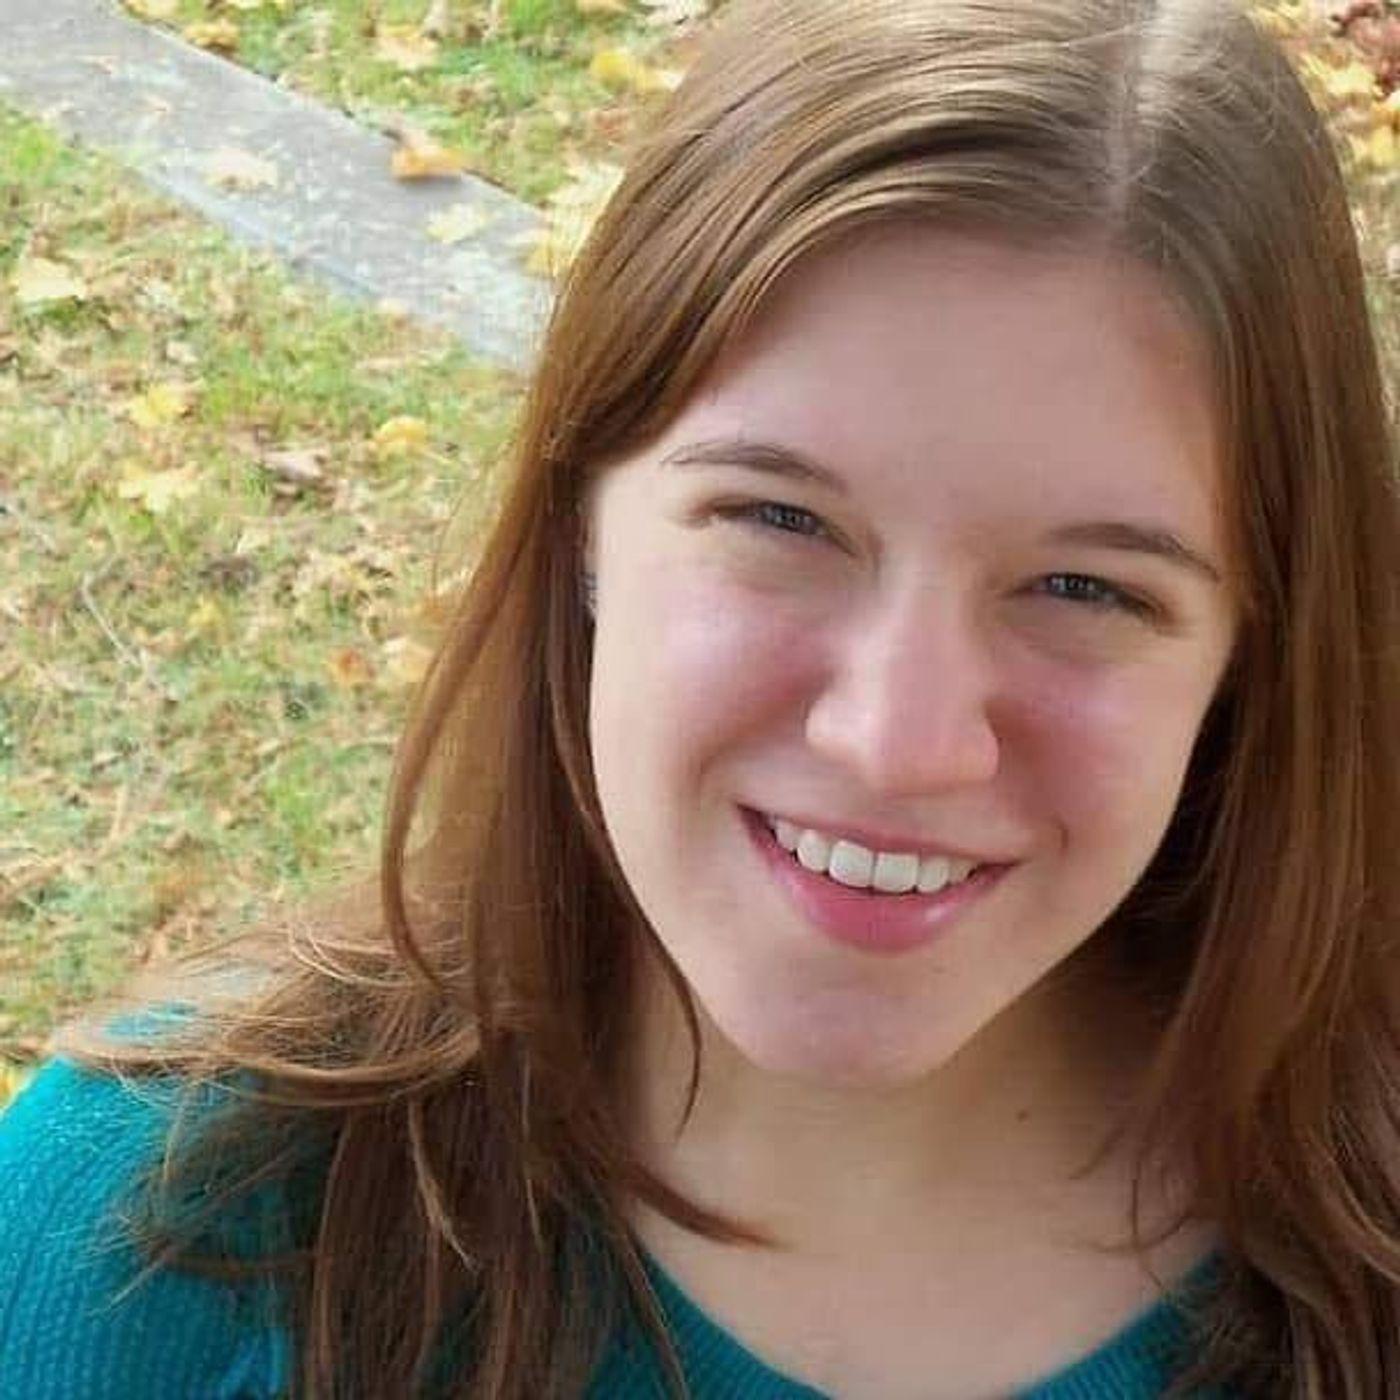 Margaret Ellis Raymond: Author and YouTuber